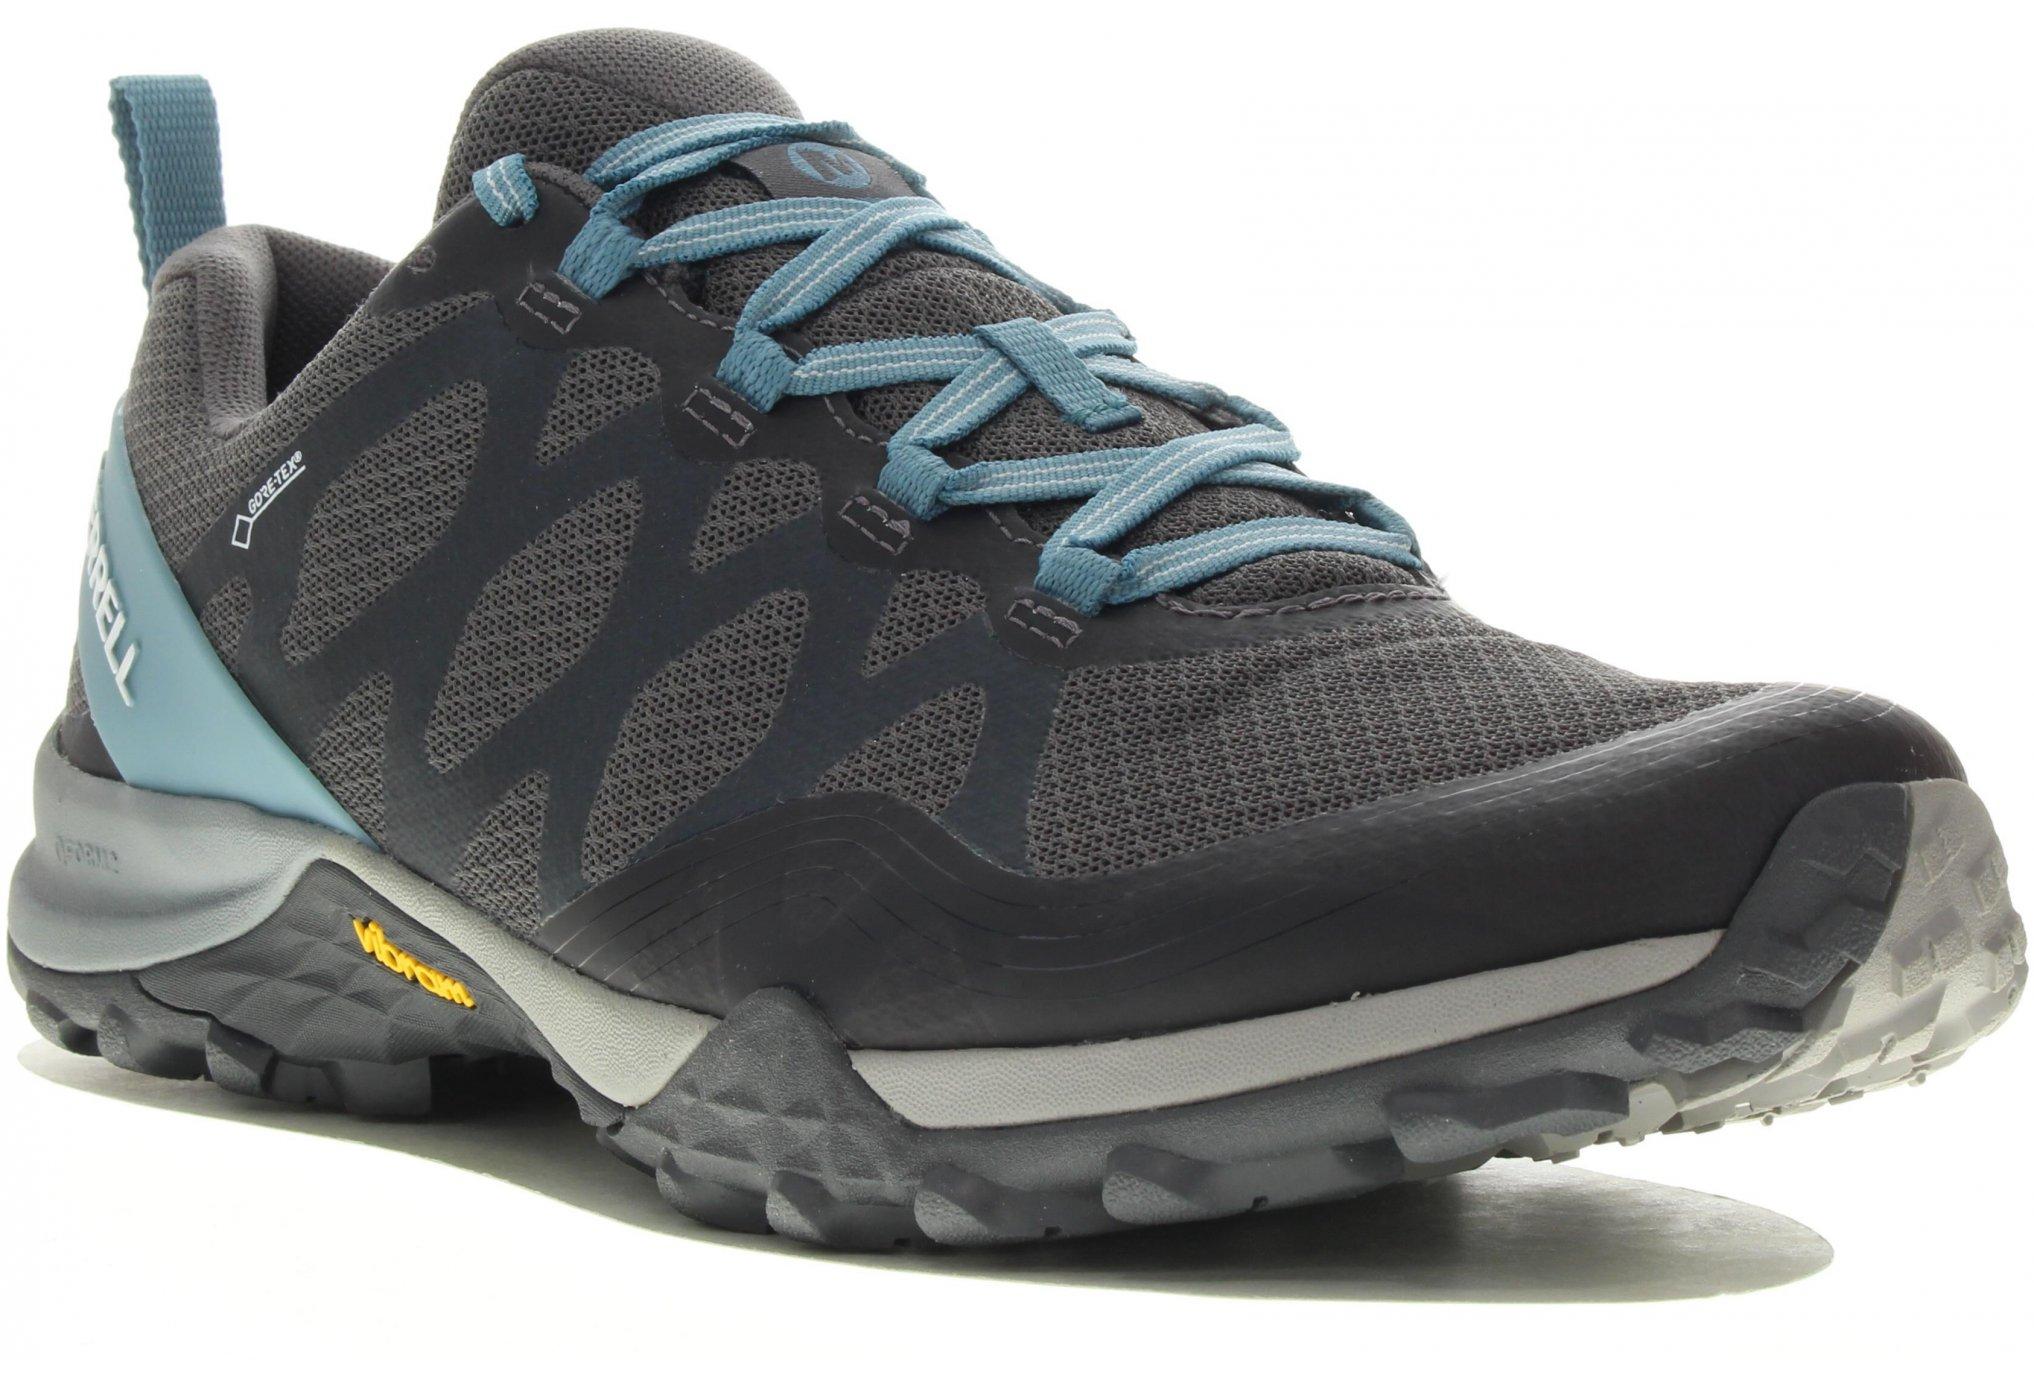 Merrell Siren 3 Gore-Tex Chaussures running femme